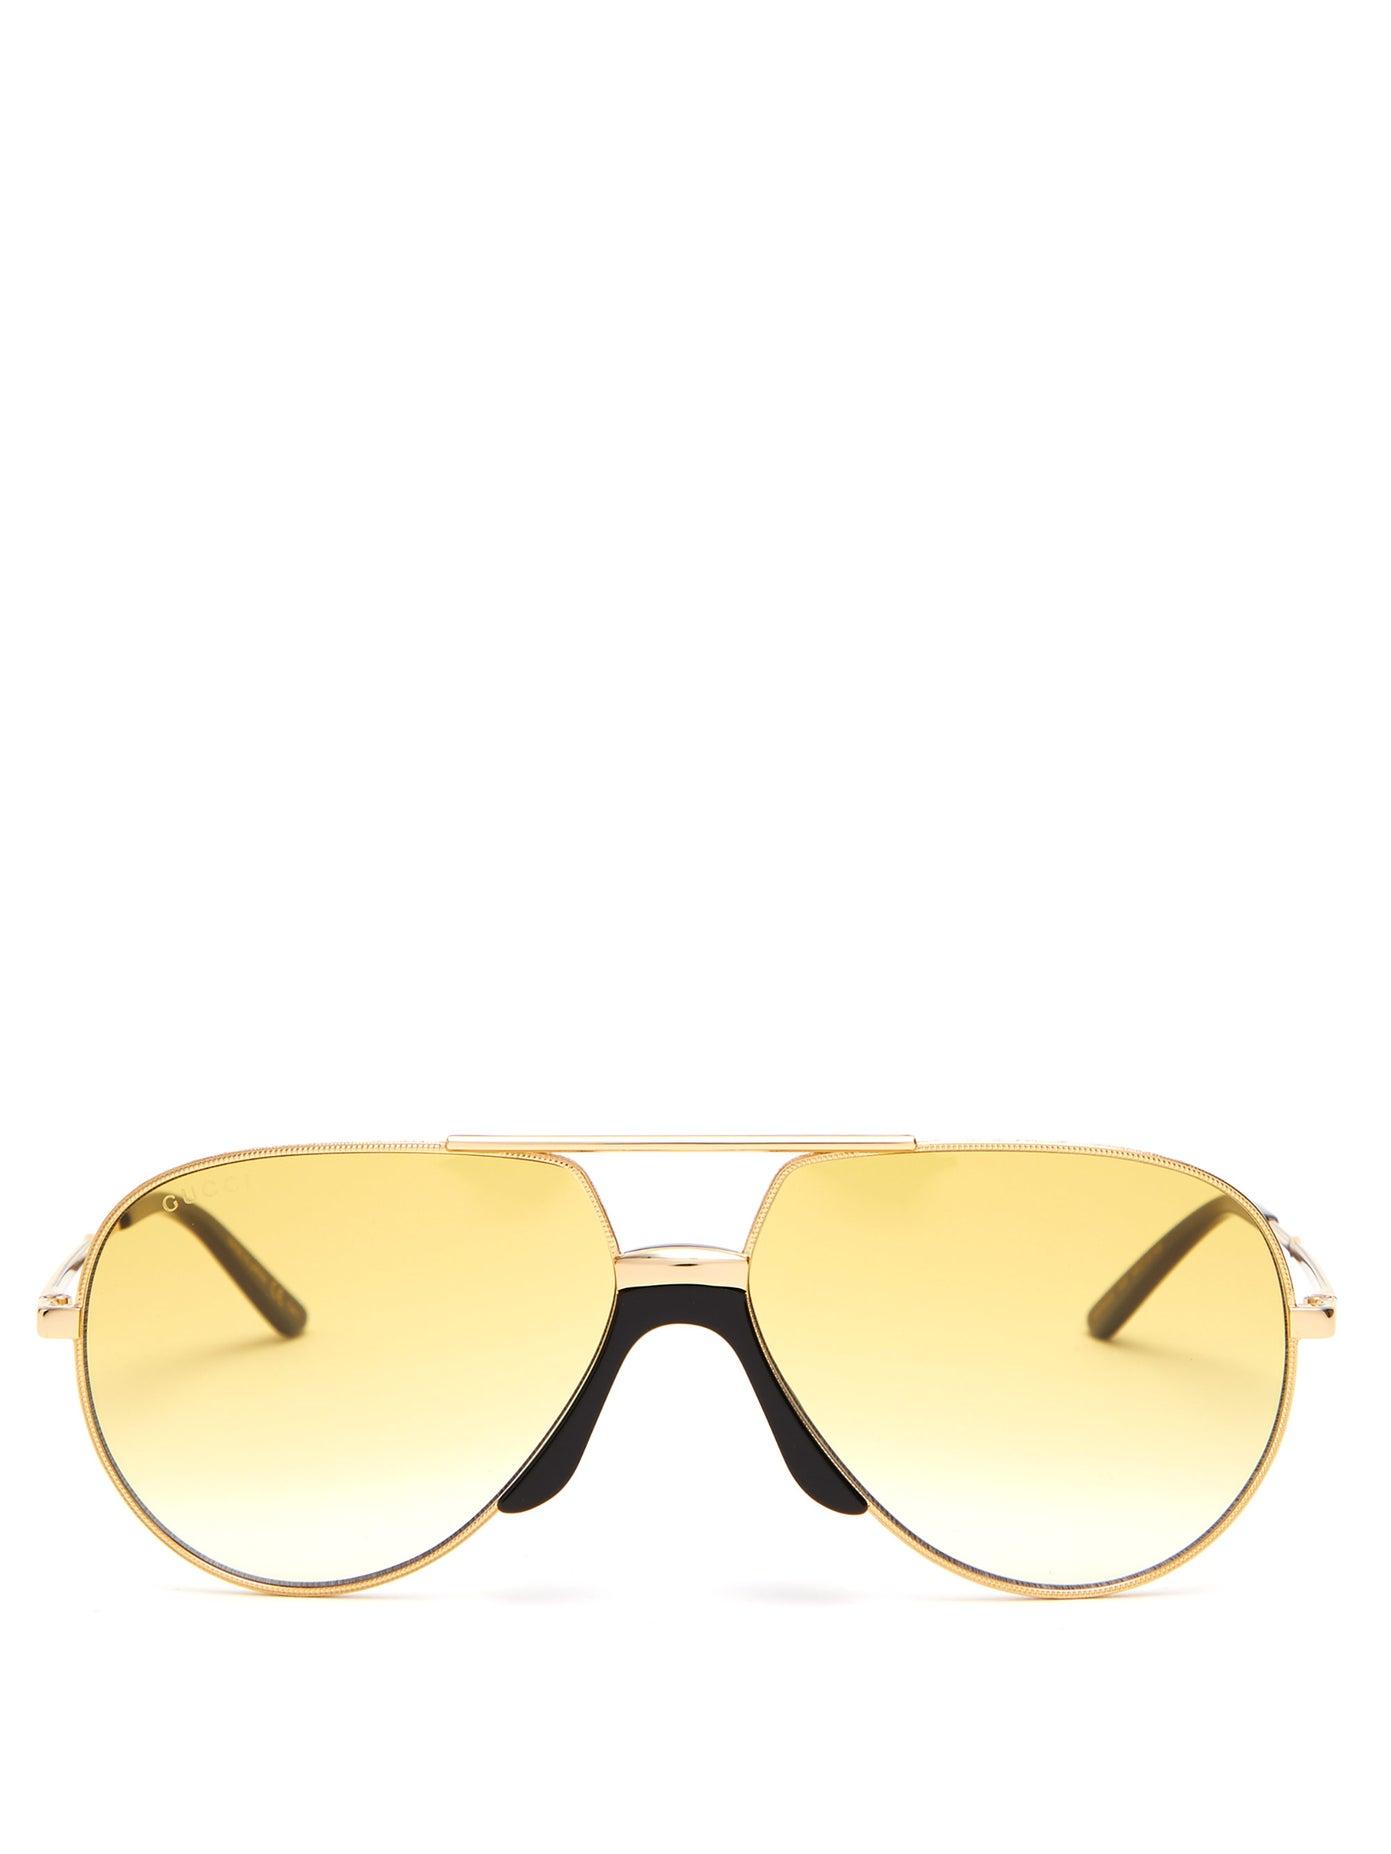 نظارات شمسية باللون الأصفر الأنيق من Gucci